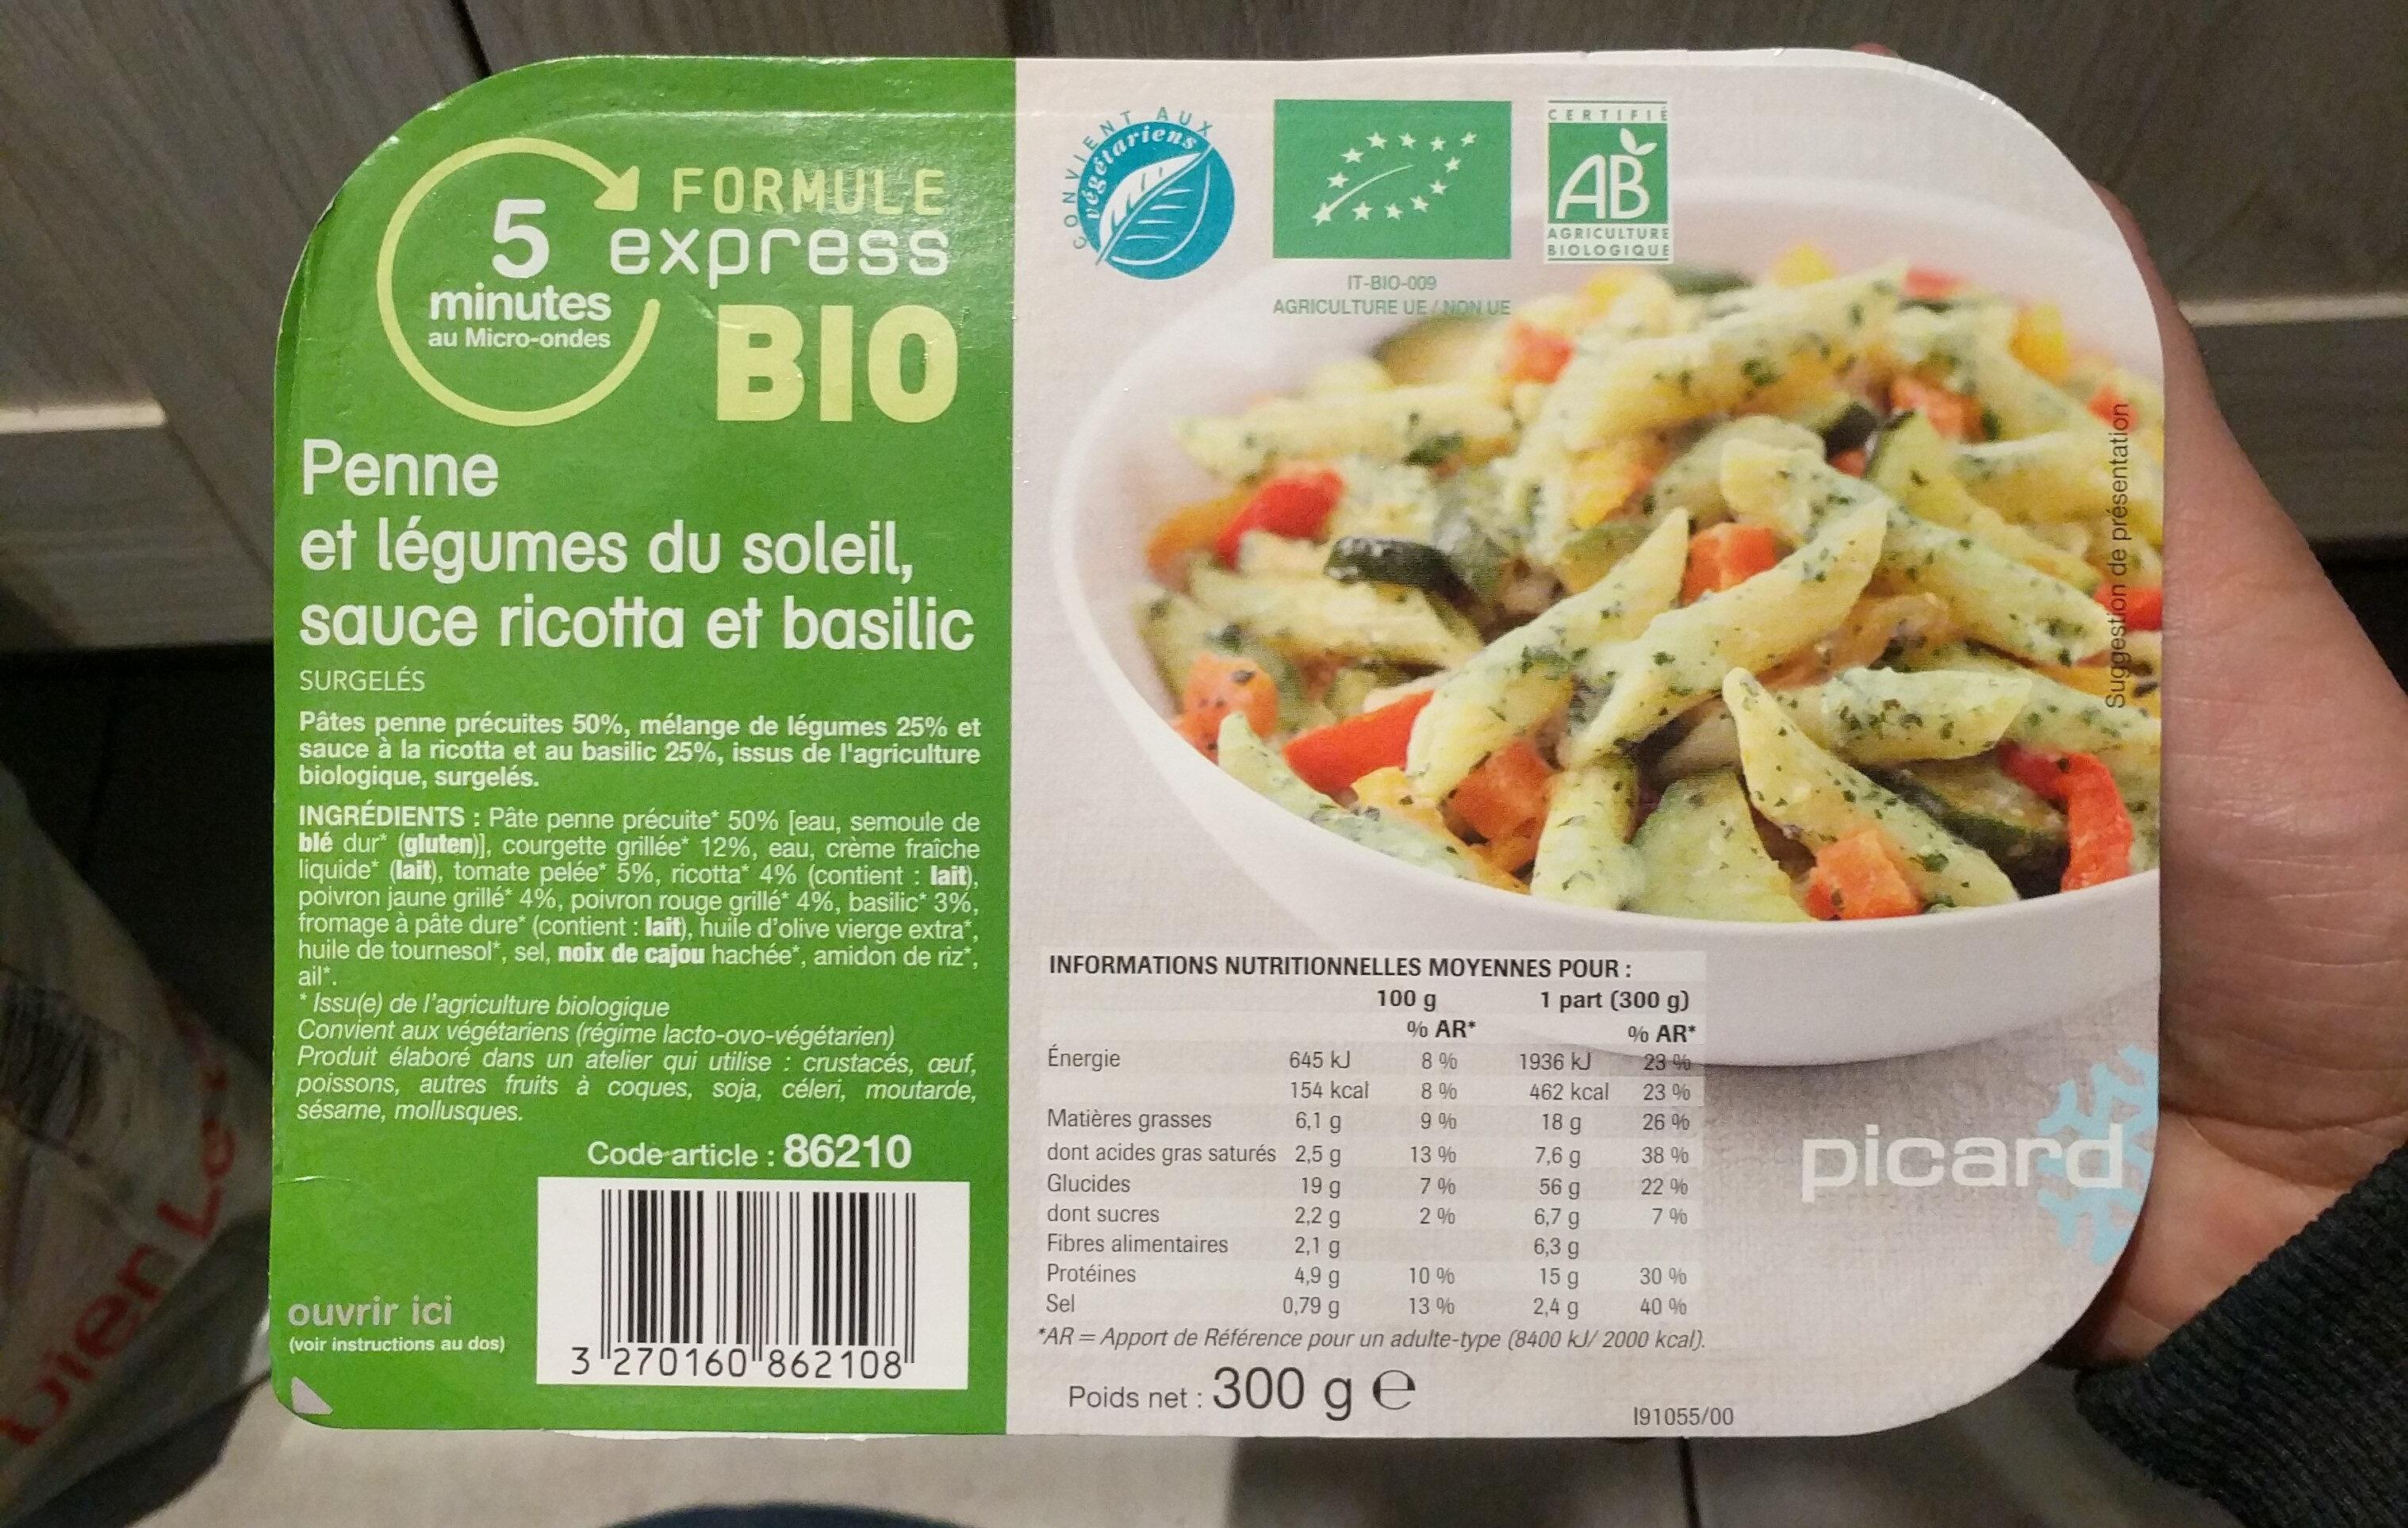 Penne et légumes du soleil Bio - Product